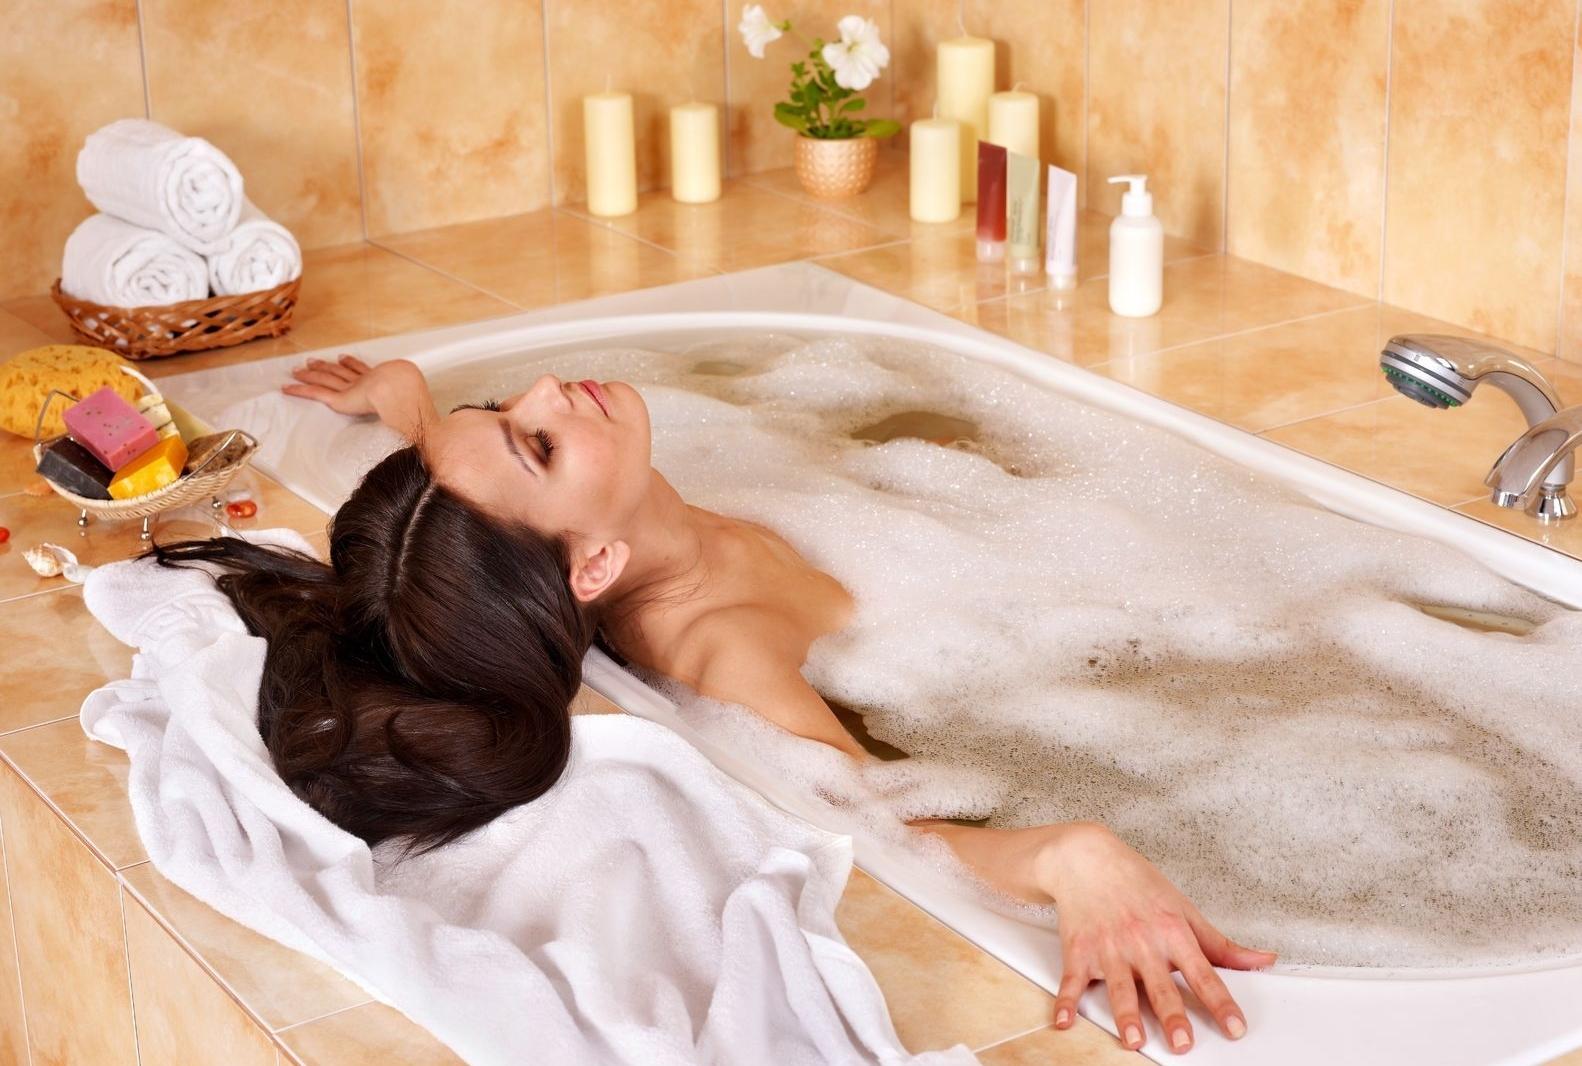 женщина в ванной картинки актер